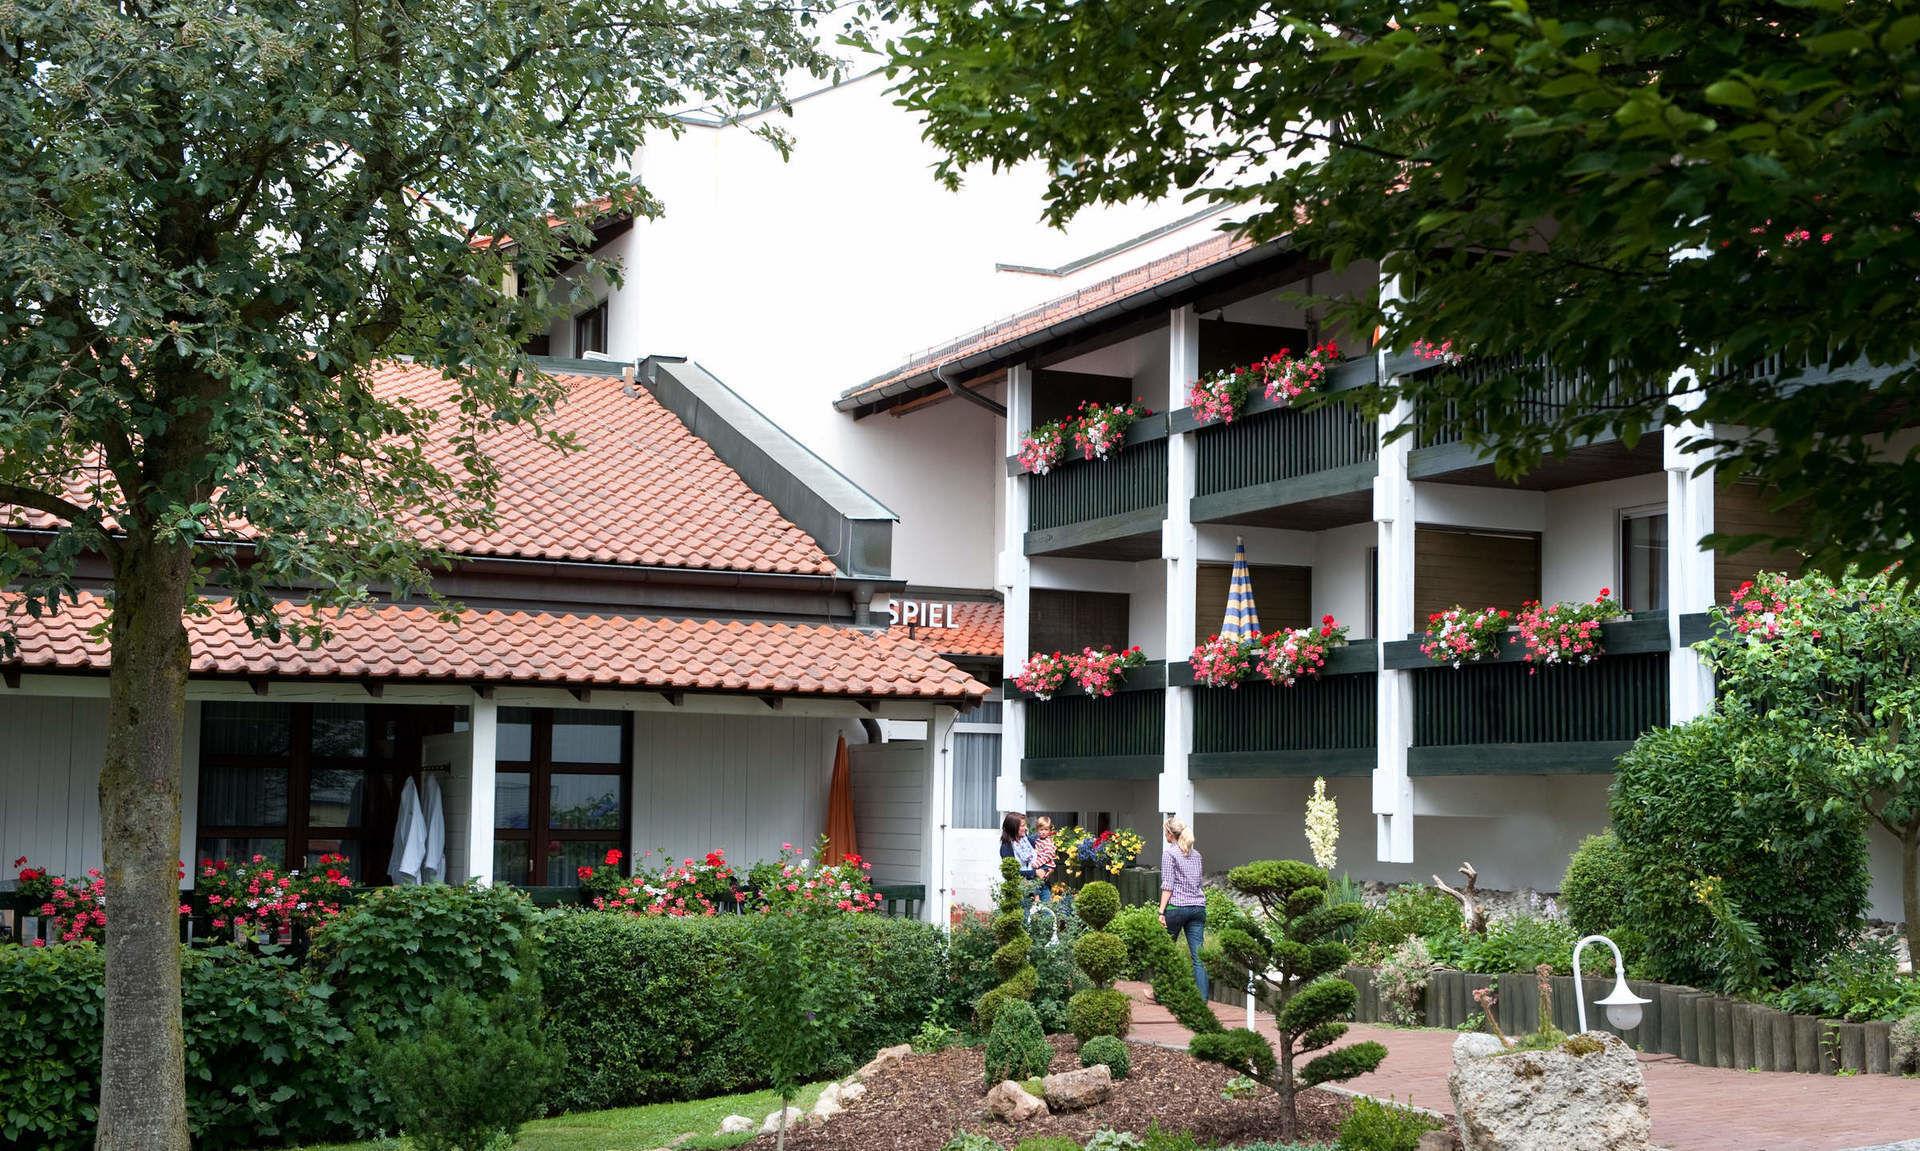 Badkamer Douchen In Bad ~ Gesund & Fit im Sommer Hotel garni Glockenspiel Bad Griesbach Urlaub